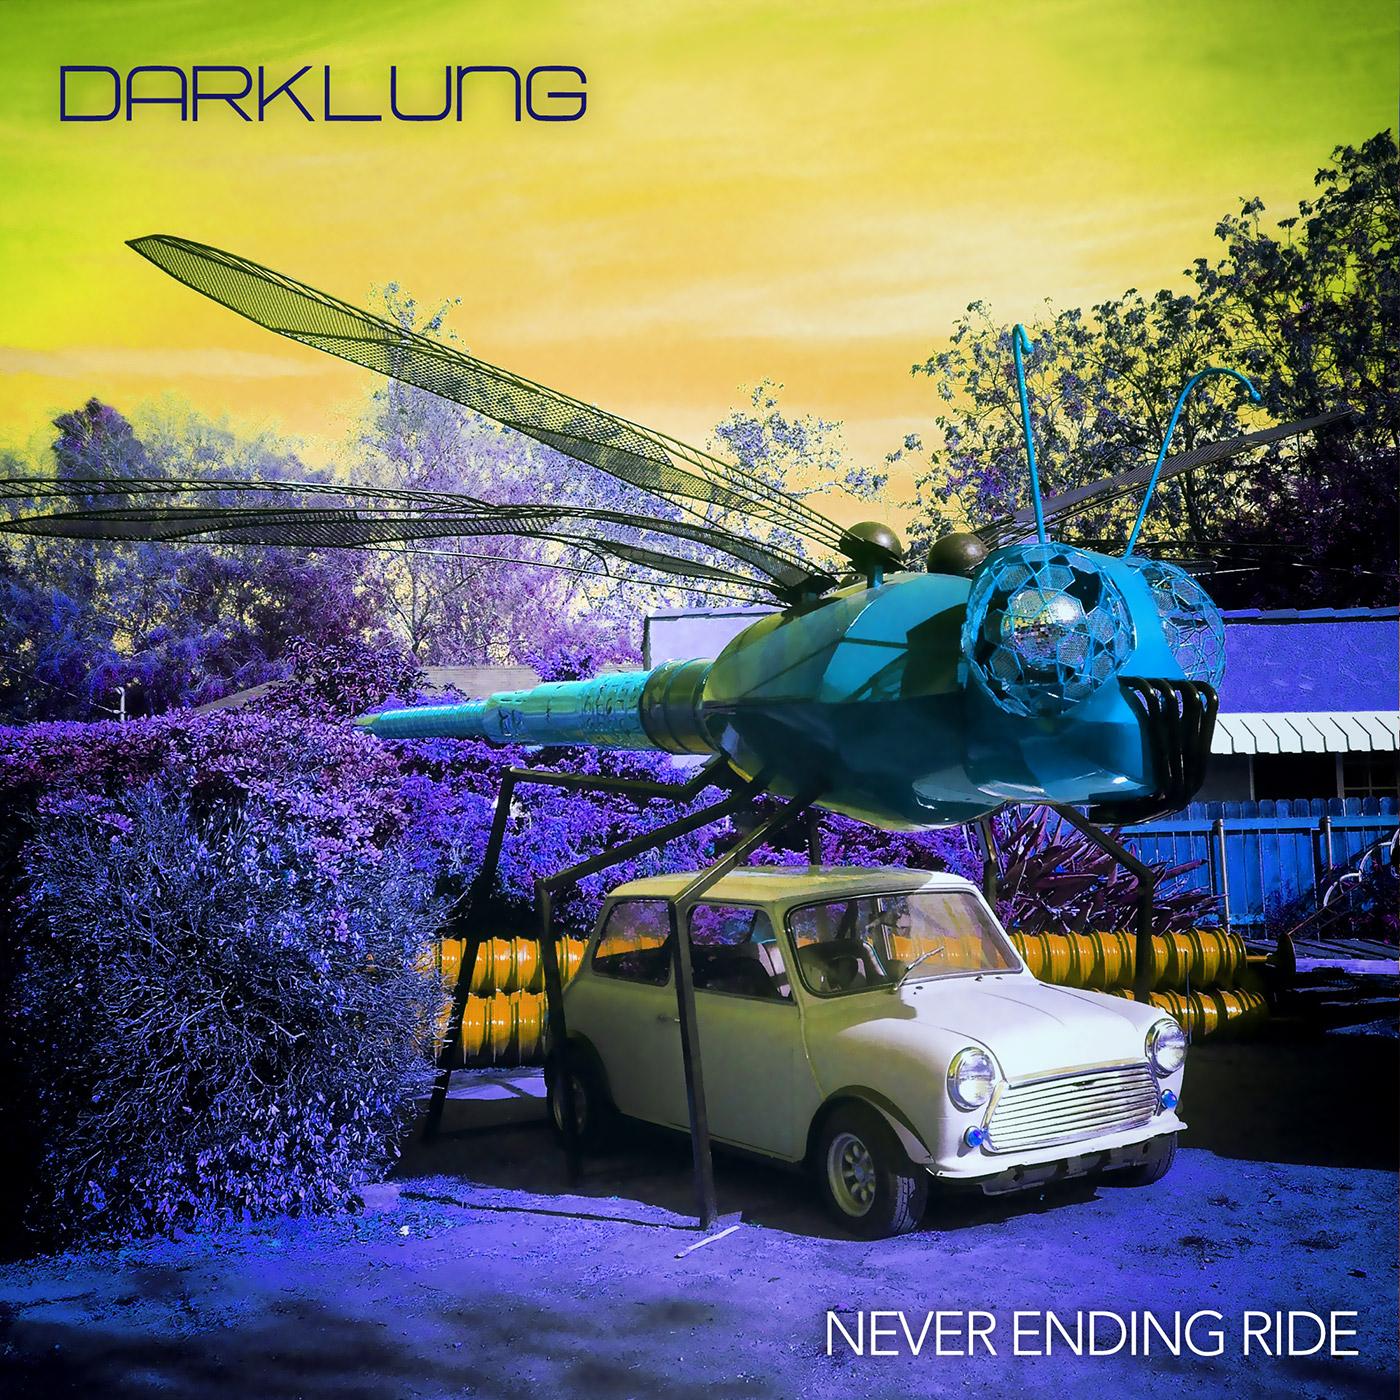 Darklung - Never Ending Ride